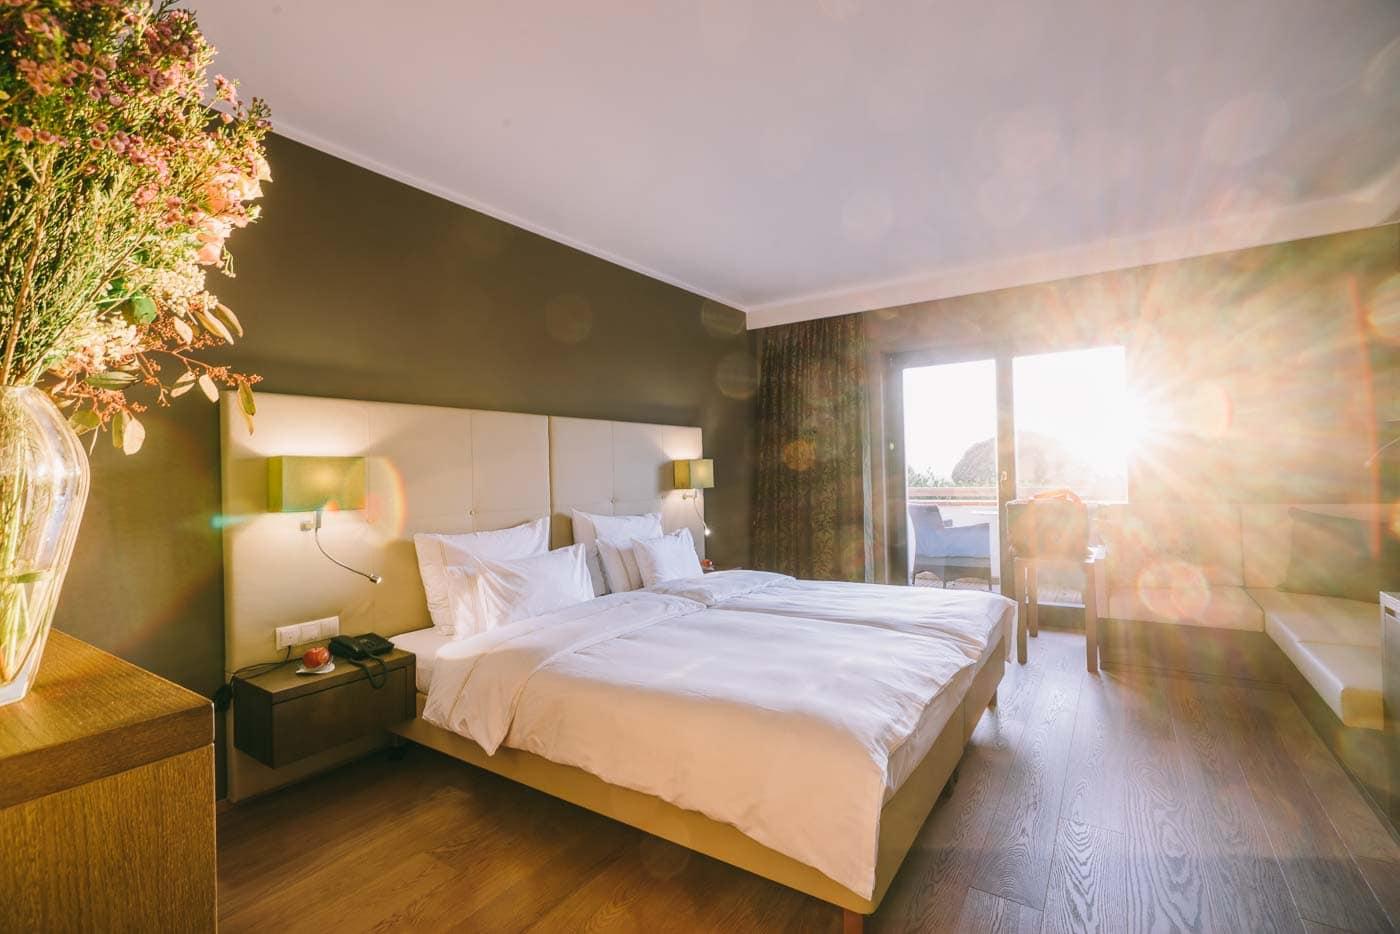 Zimmer bei Sonnenaufgang im Reiters Reserve